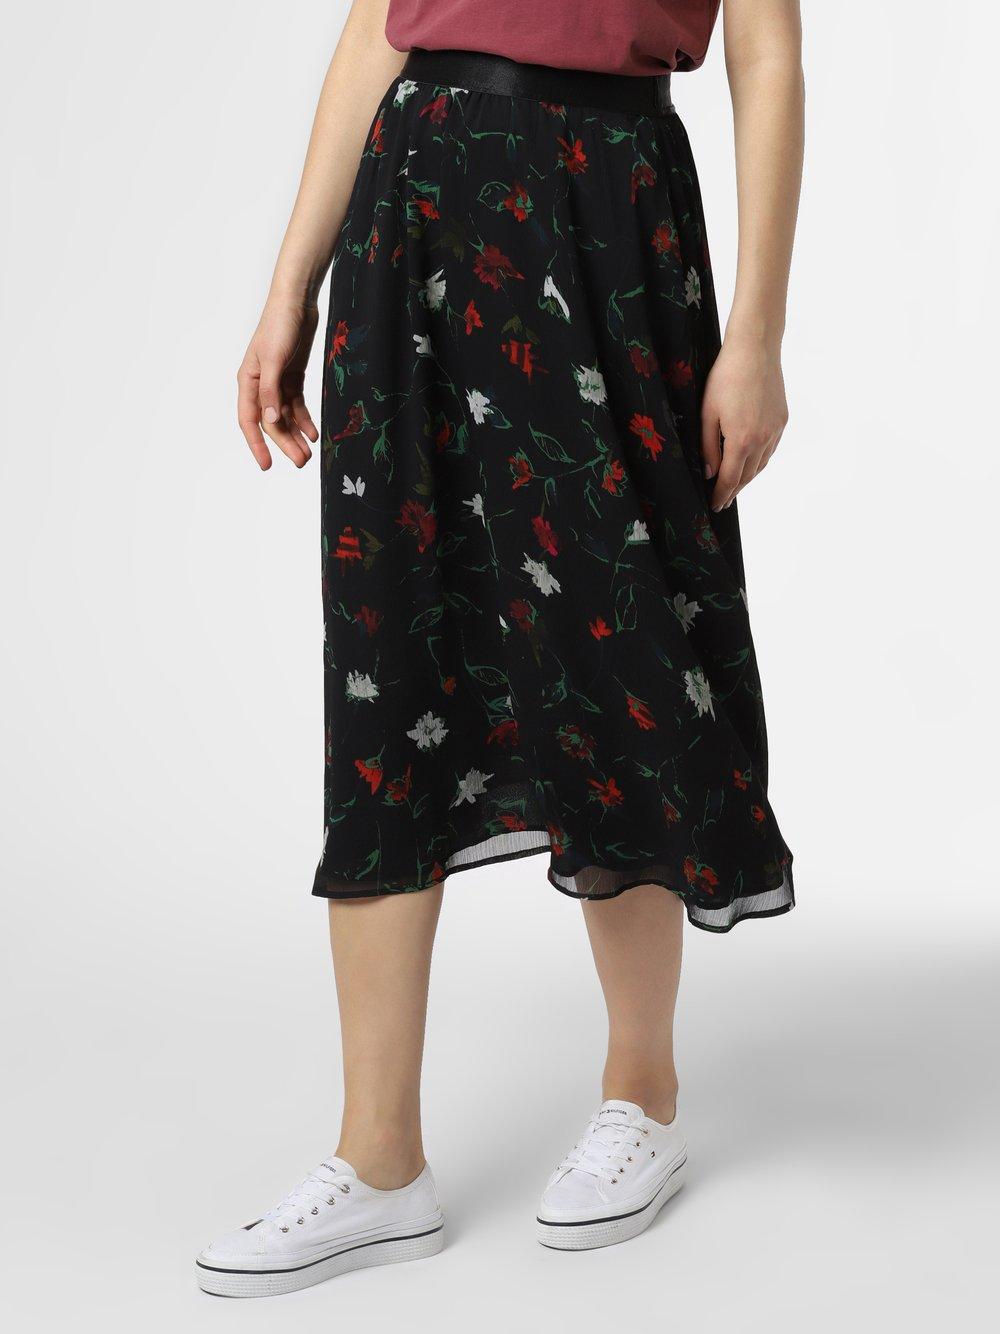 Esprit Casual - Spódnica damska, czarny